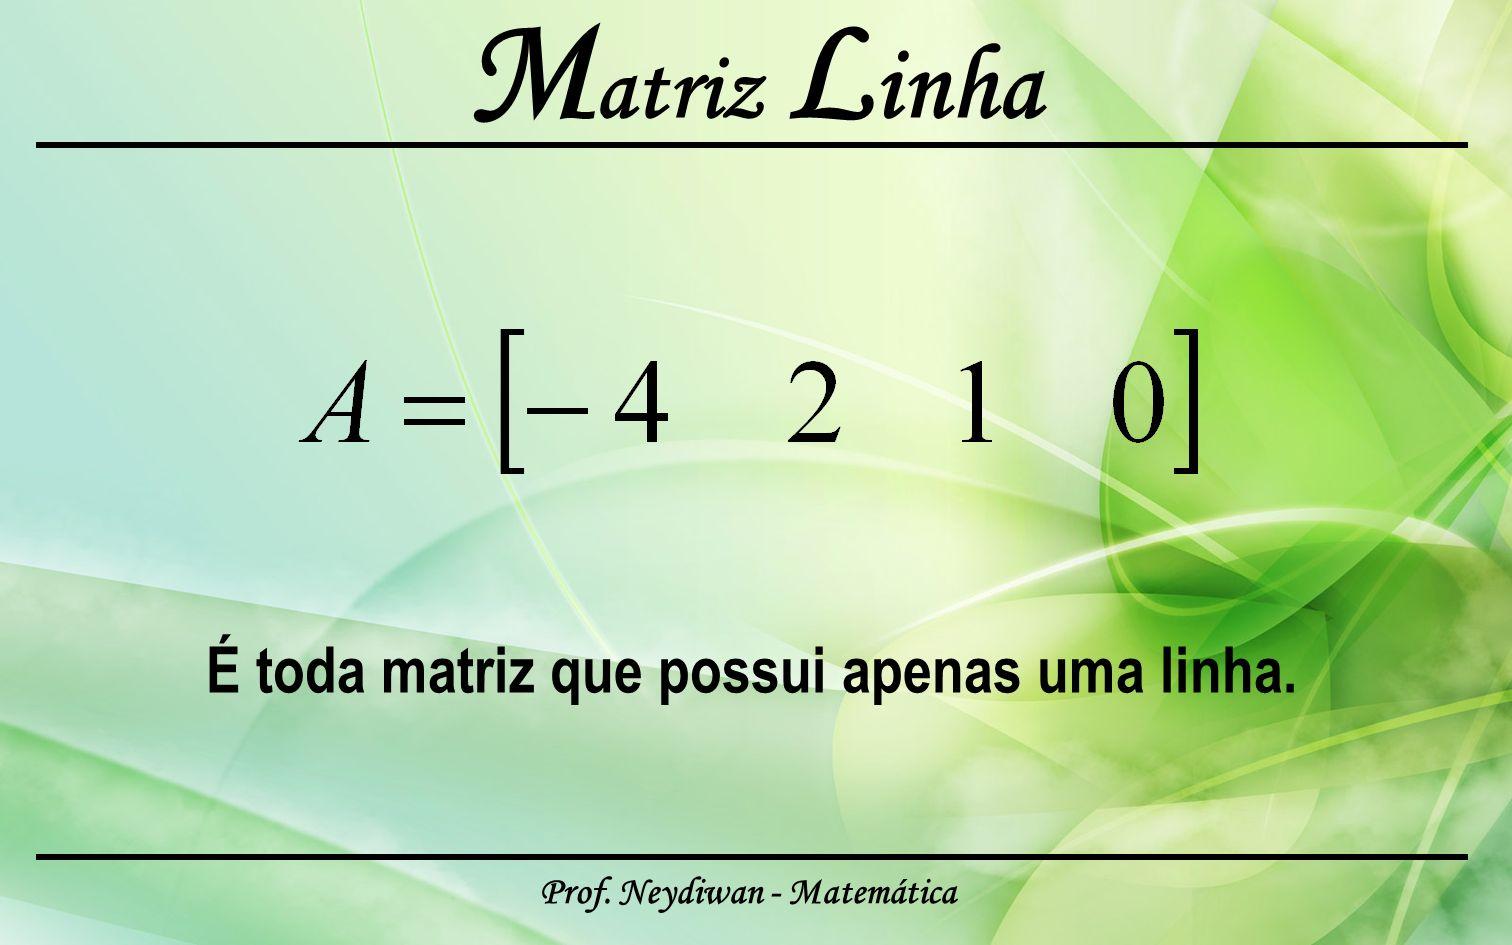 Prof. Neydiwan - Matemática M atriz L inha É toda matriz que possui apenas uma linha.